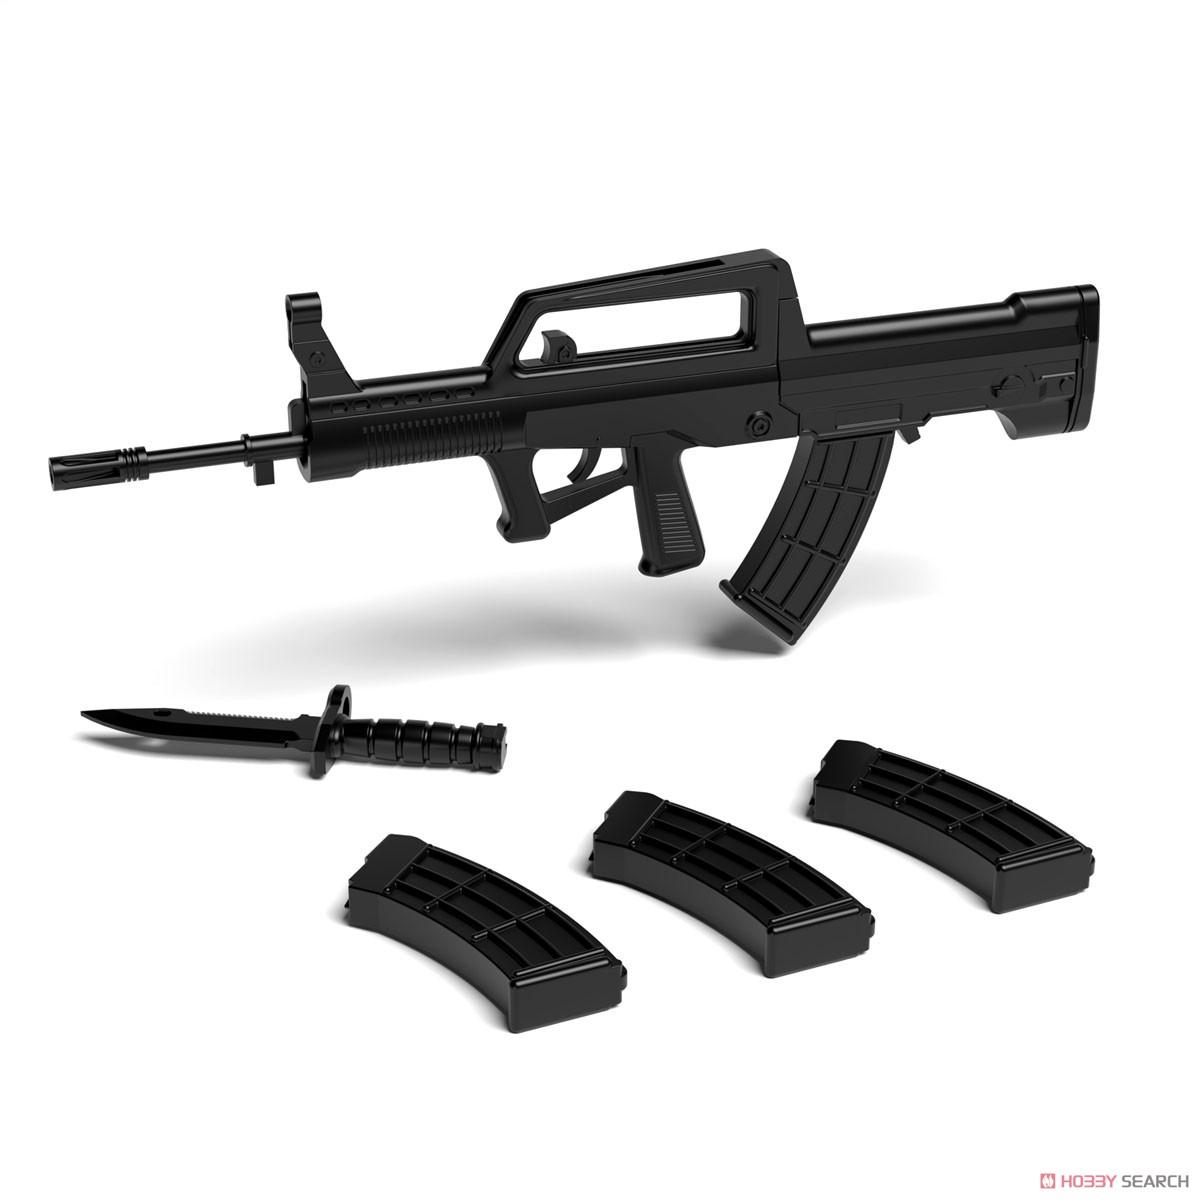 リトルアーモリー LADF01『ドールズフロントライン95式自動歩槍タイプ』1/12 プラモデル-008